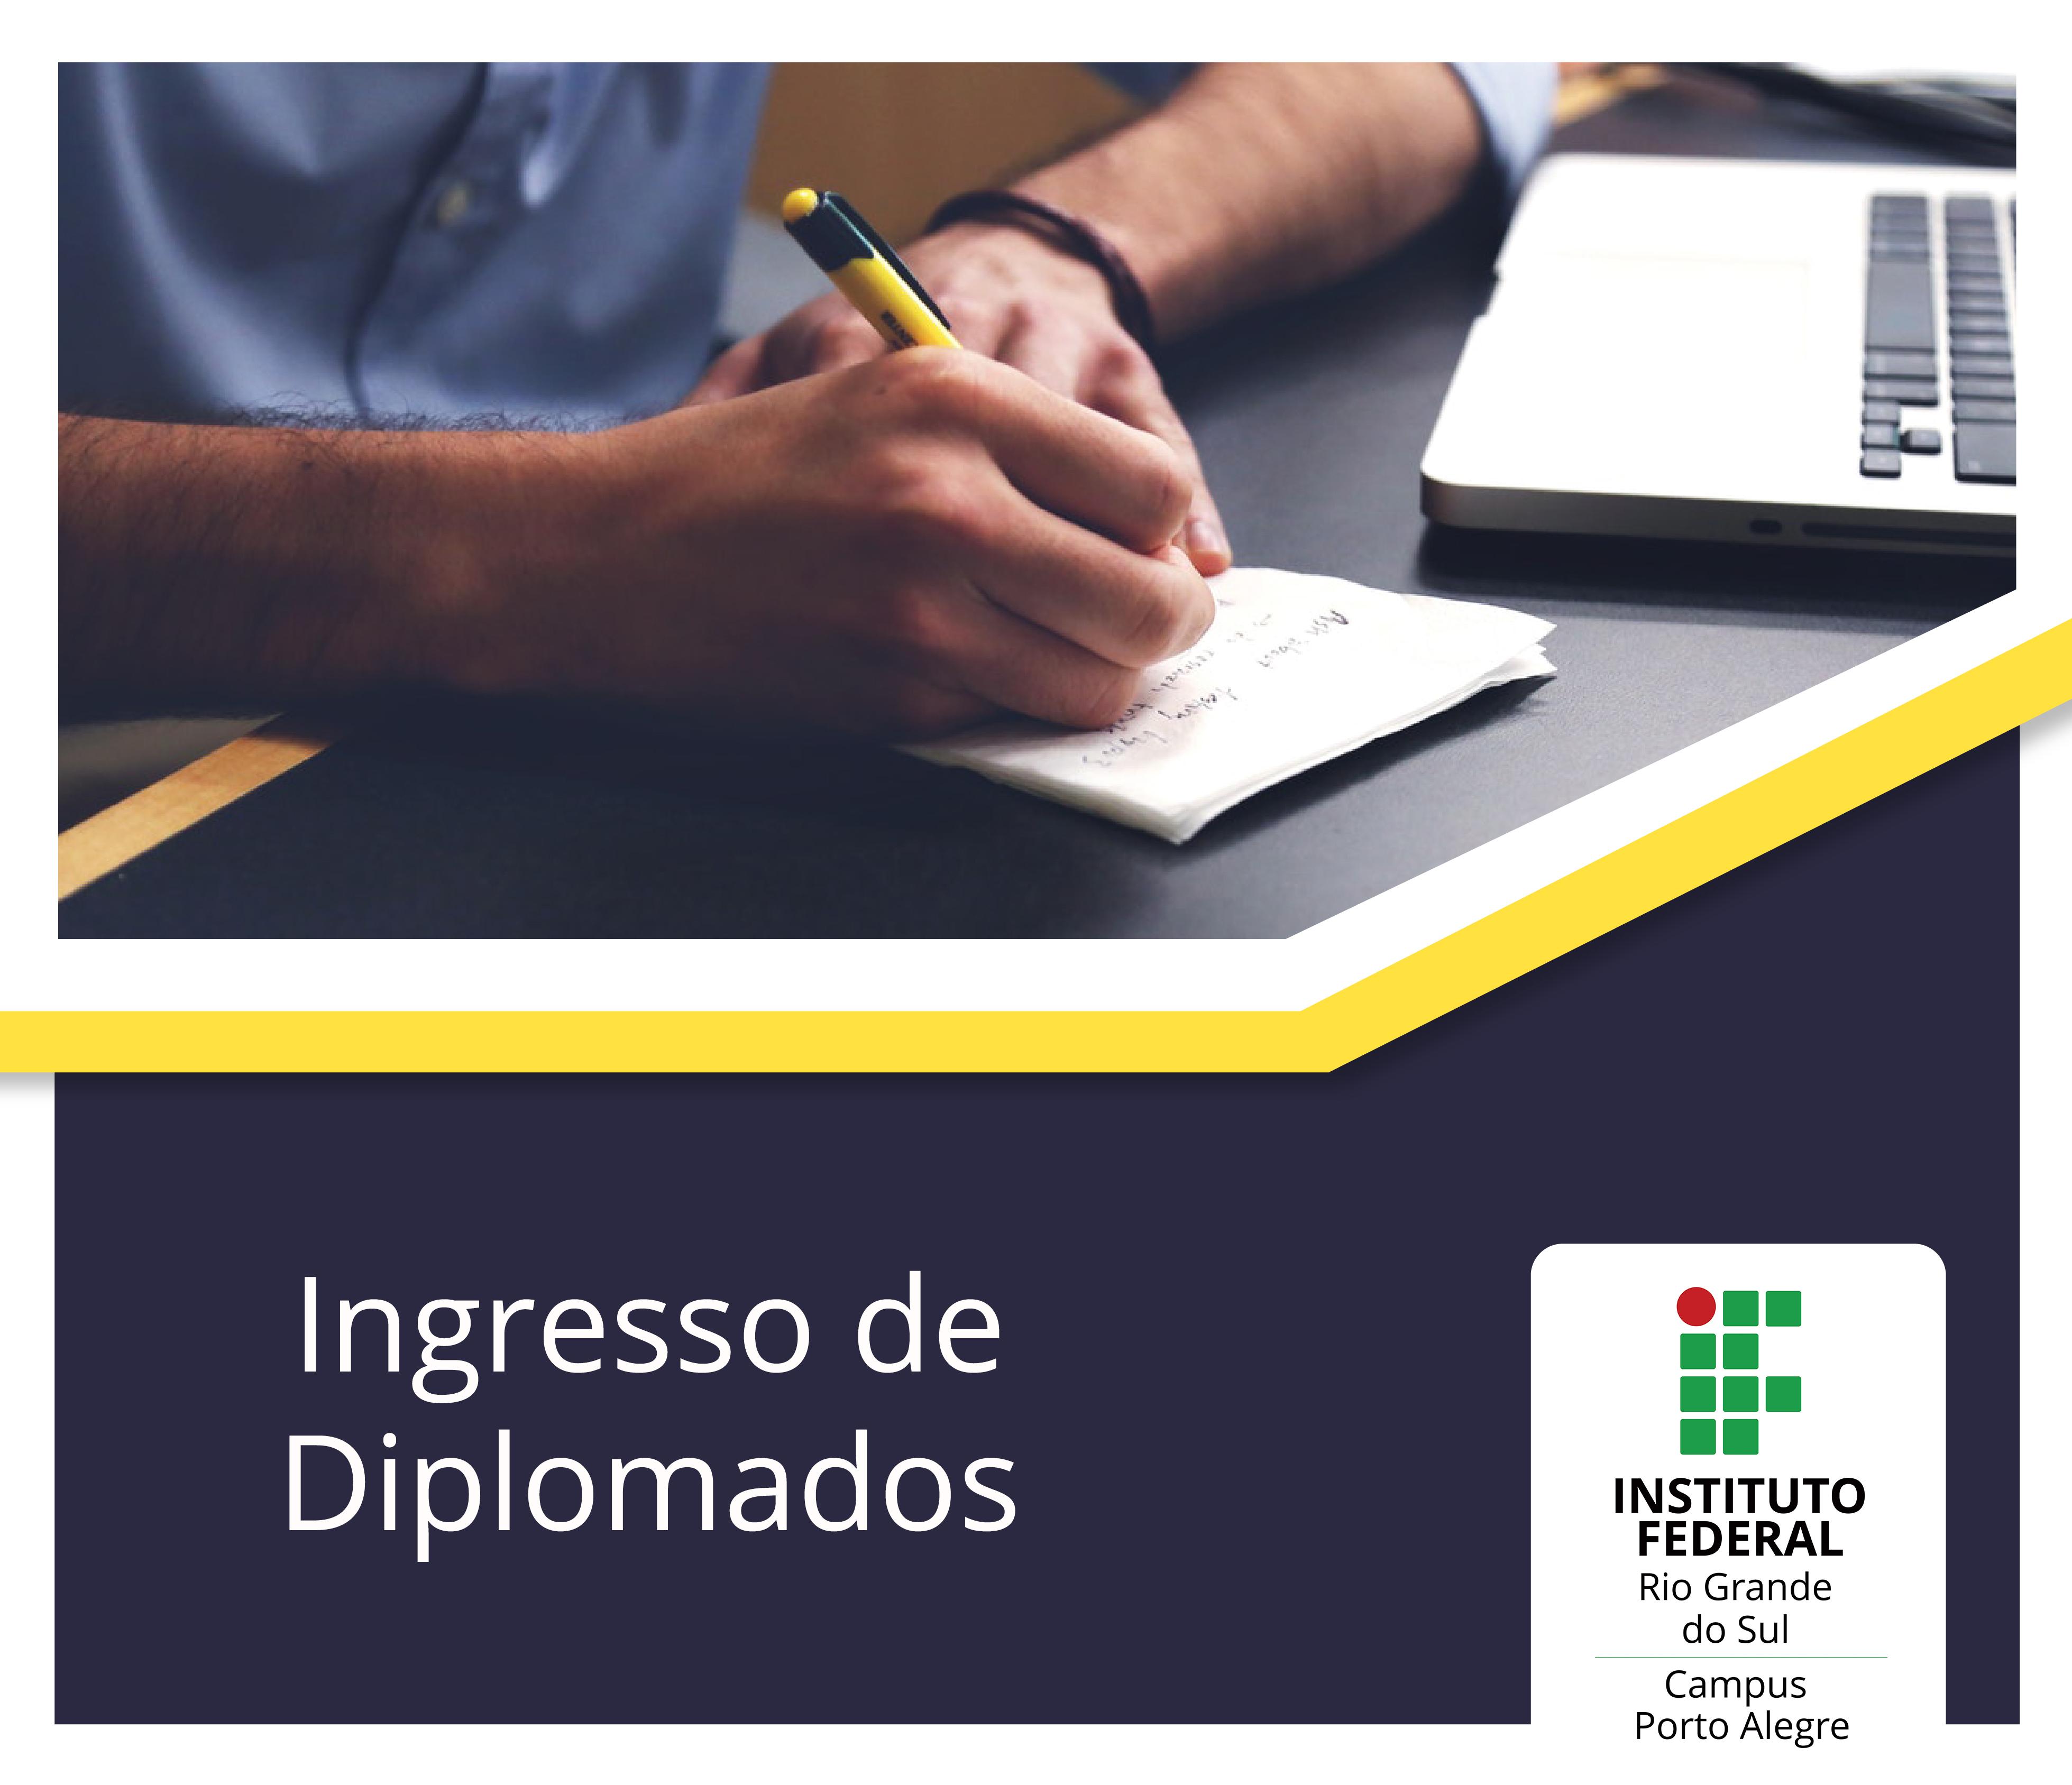 notícias principais ifrs campus porto alegreedital nº 62 2018 ingresso de diplomado em cursos superiores e técnicos para 2019 1 publicado resultado